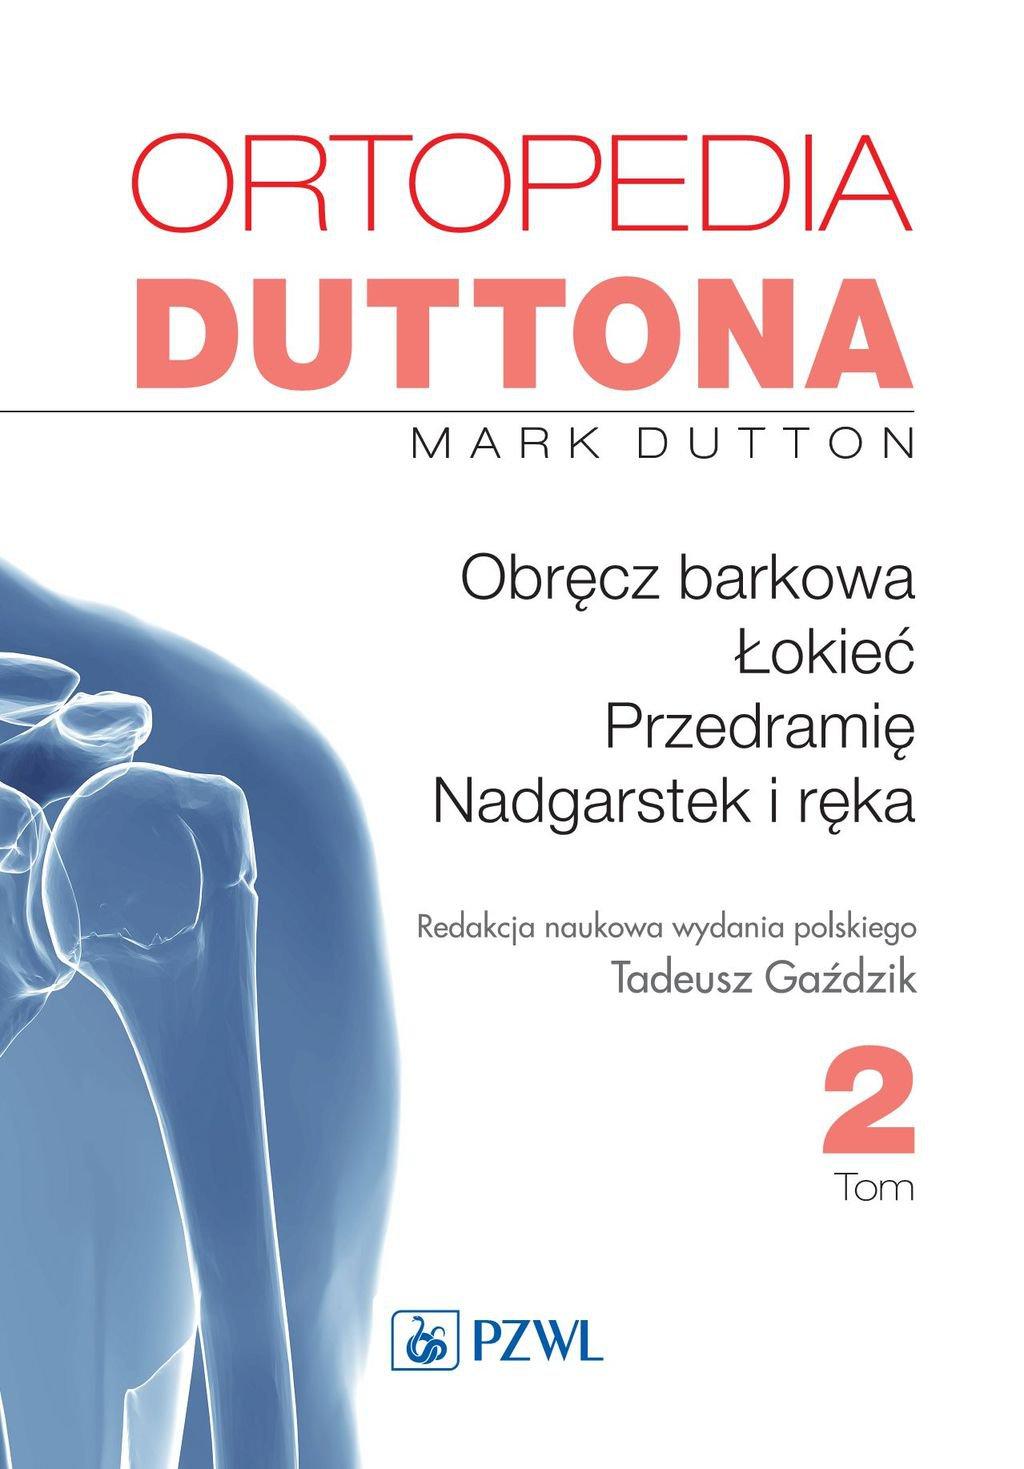 Ortopedia Duttona. Tom 2 - Ebook (Książka EPUB) do pobrania w formacie EPUB